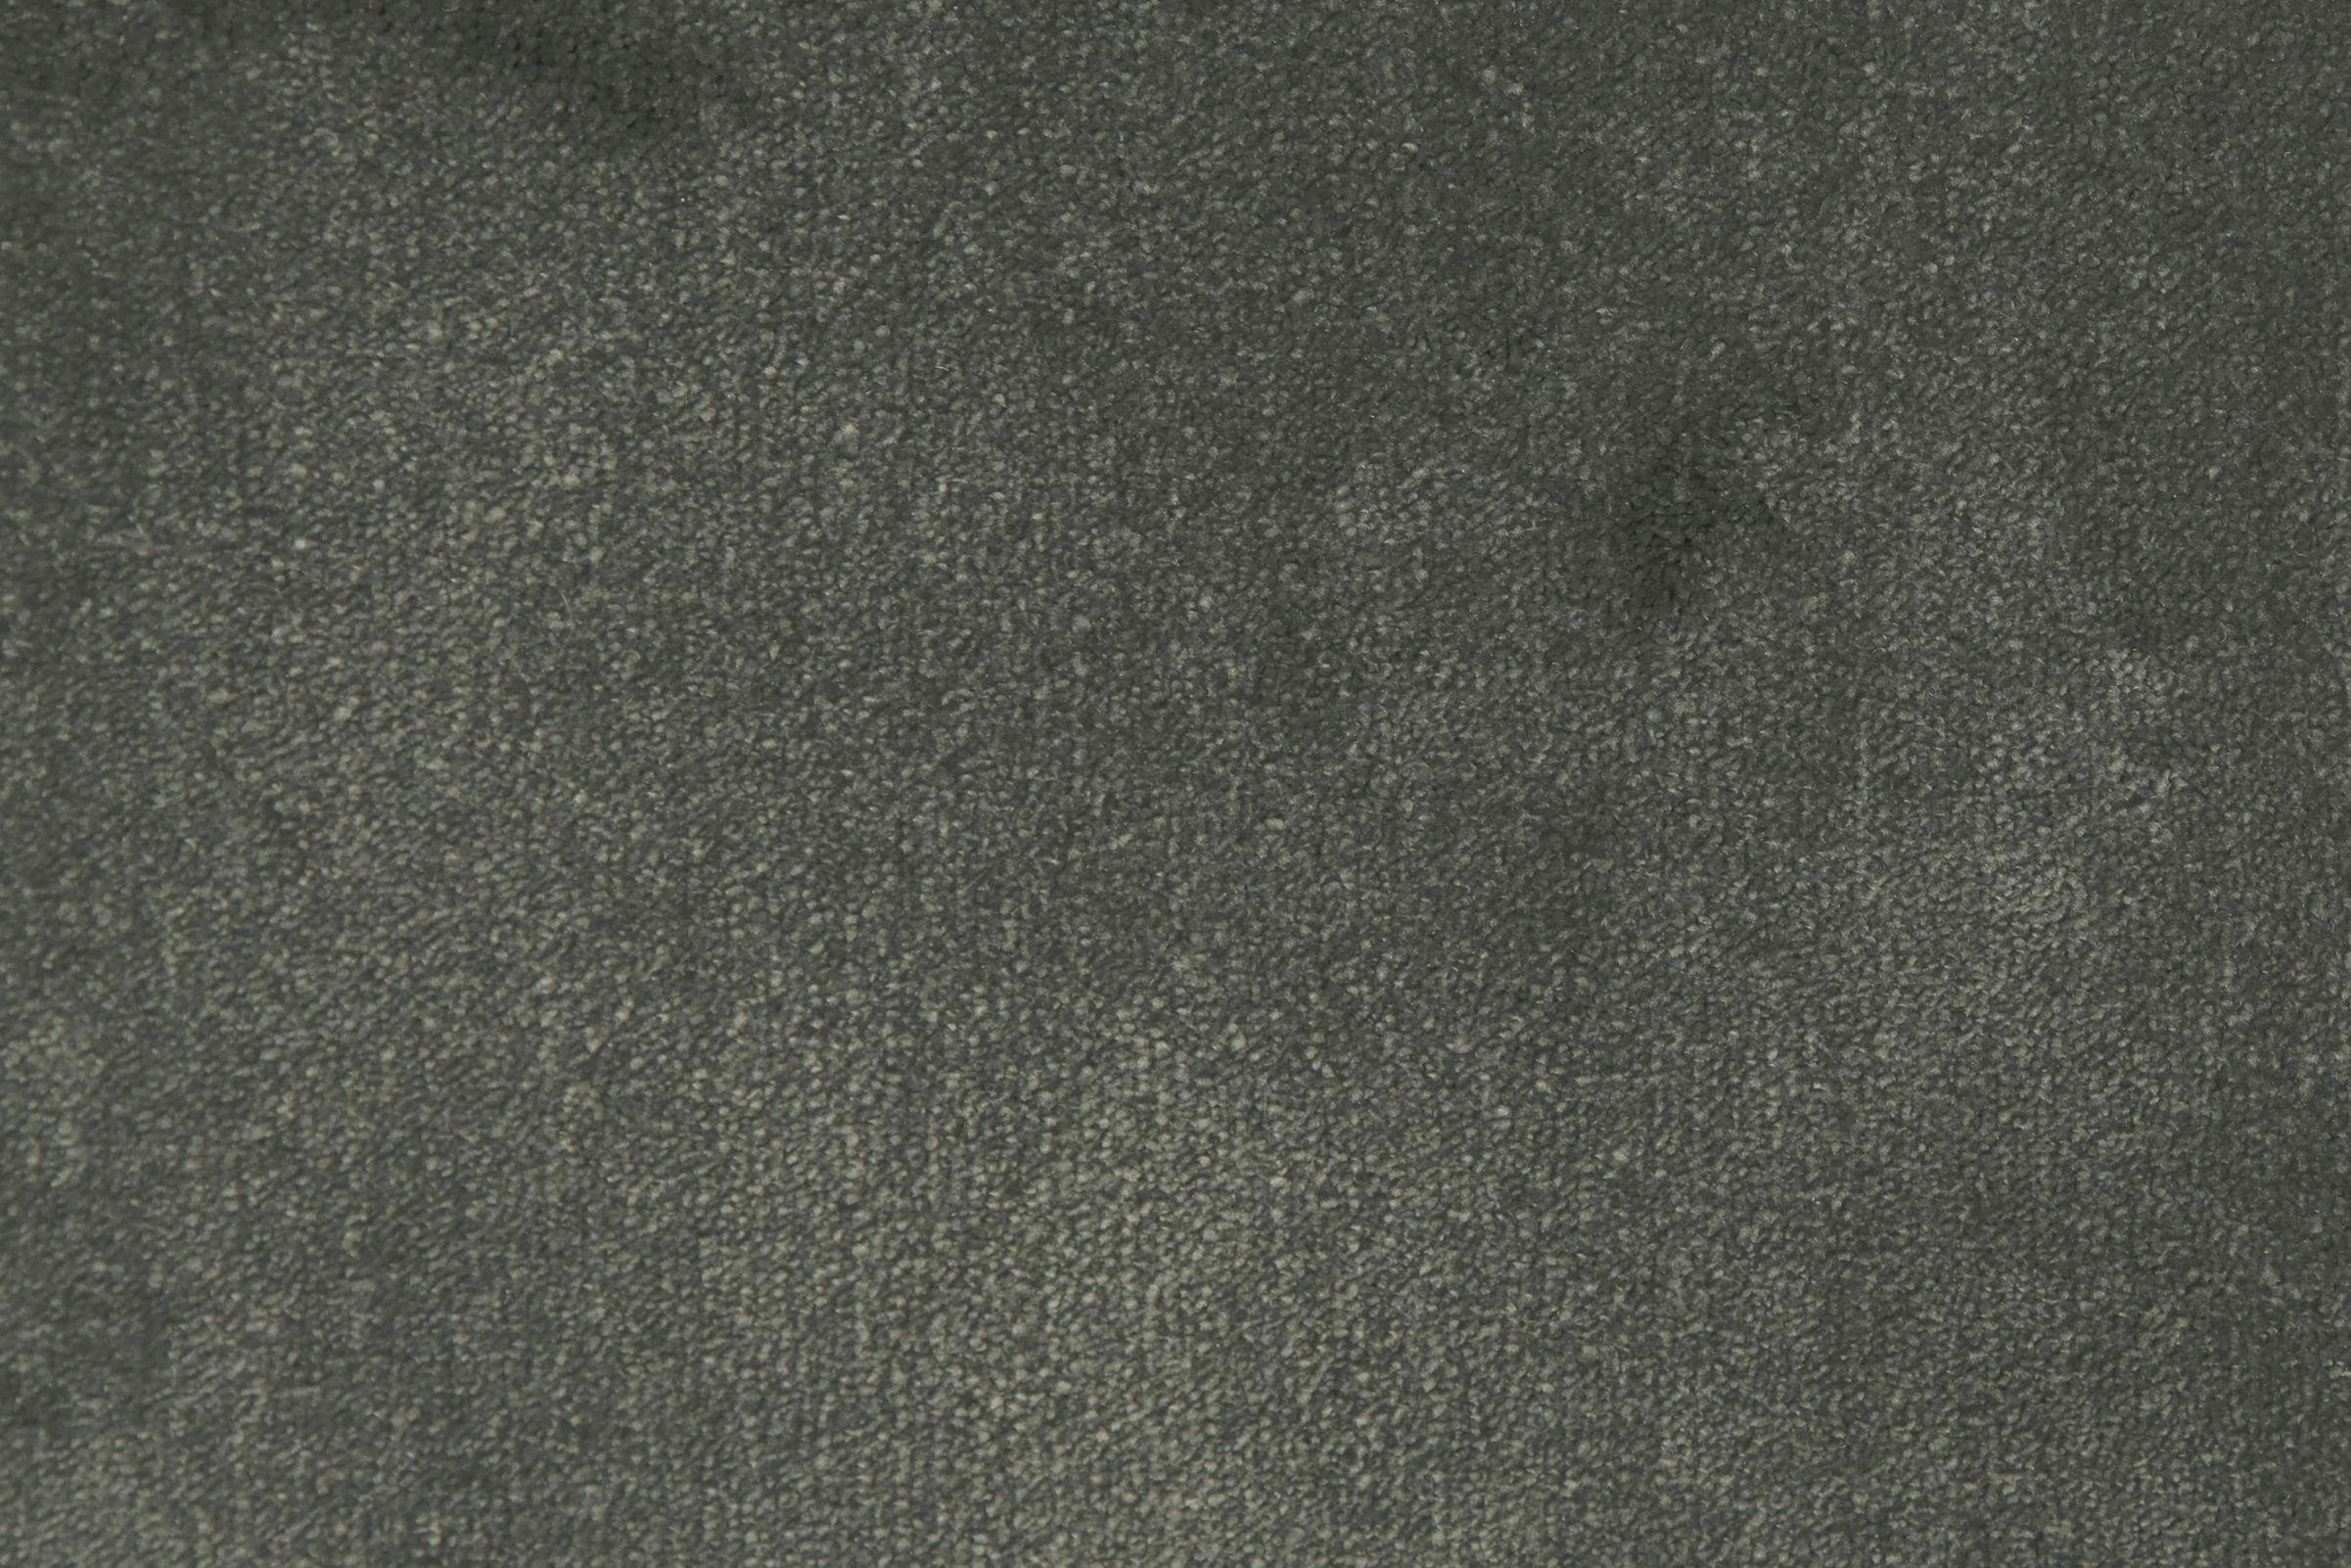 LEXUS - 189 GRAPHITE